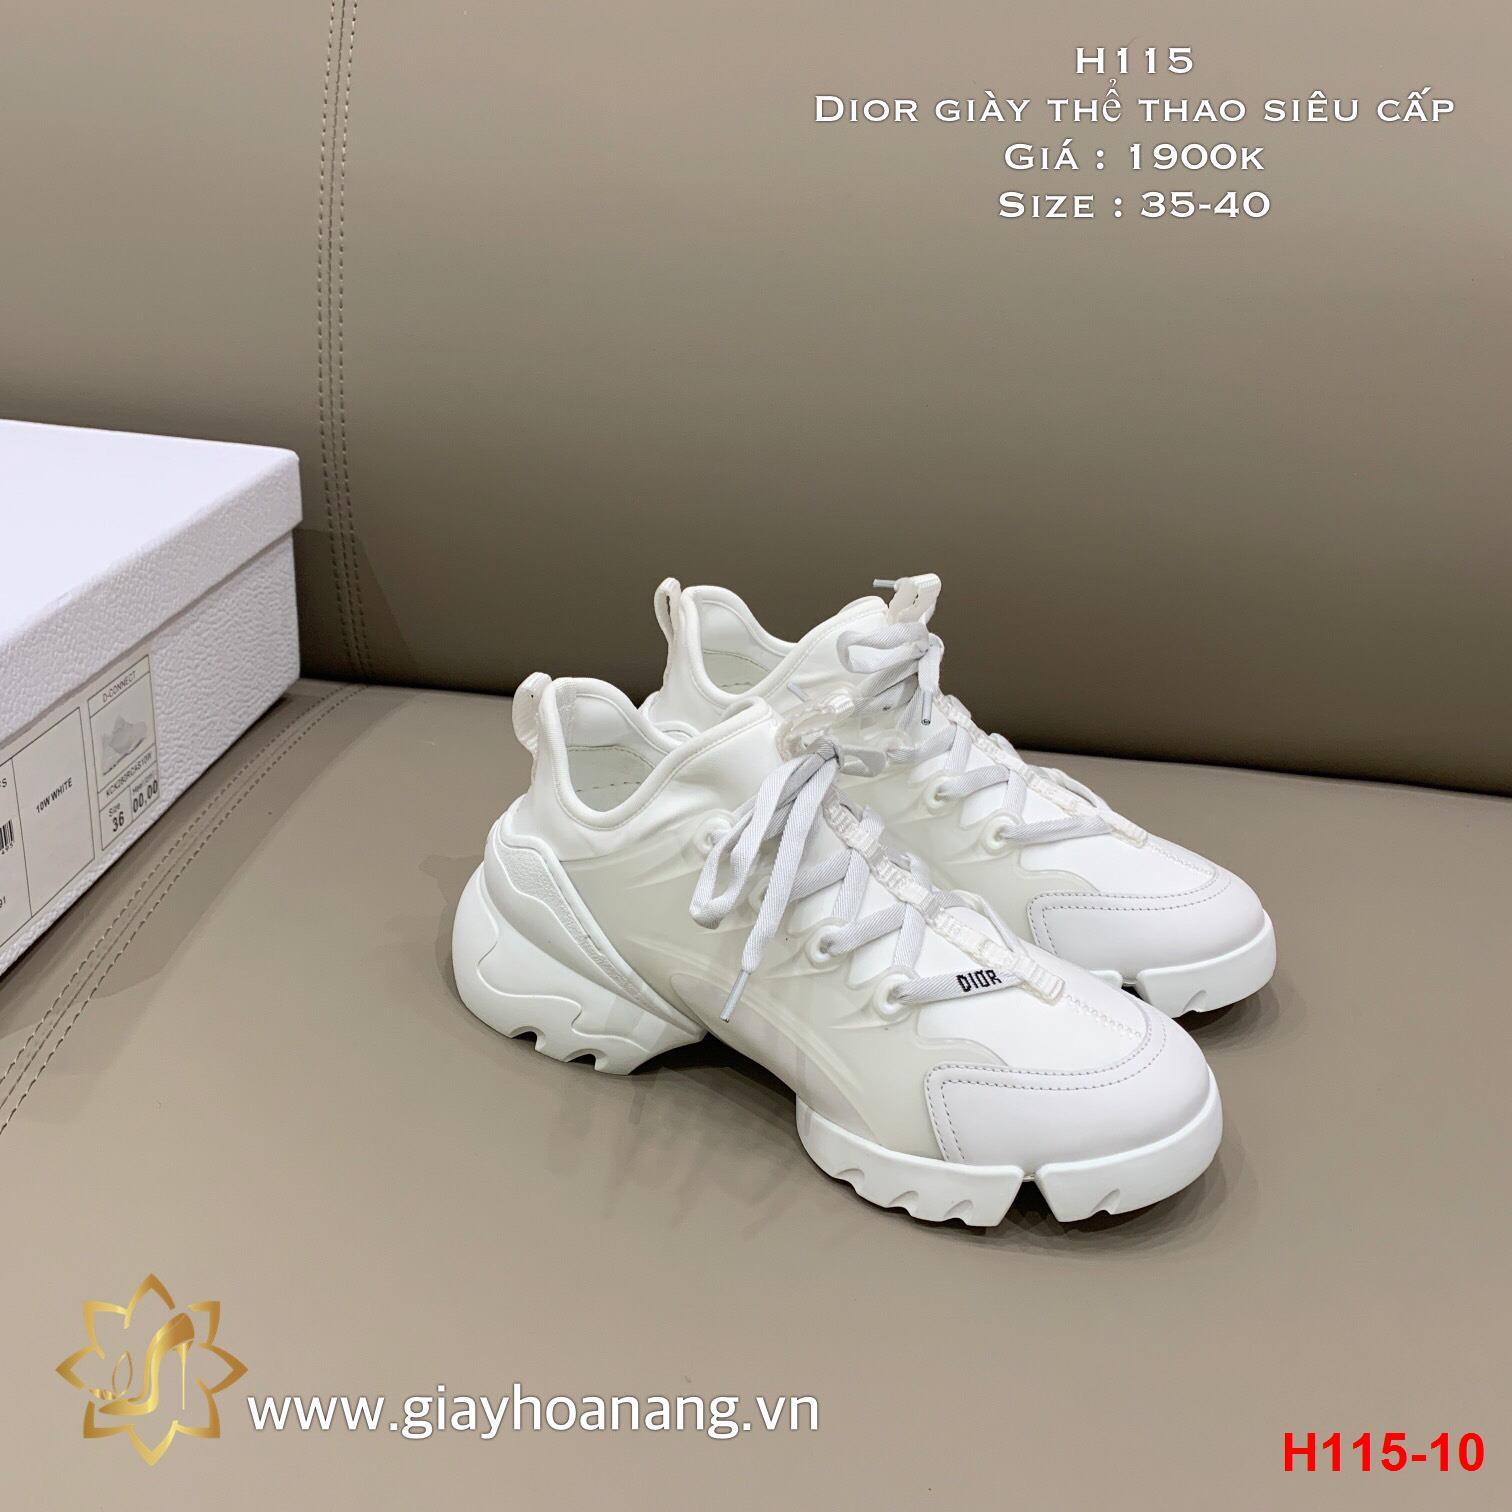 H115-10 Dior giày thể thao siêu cấp